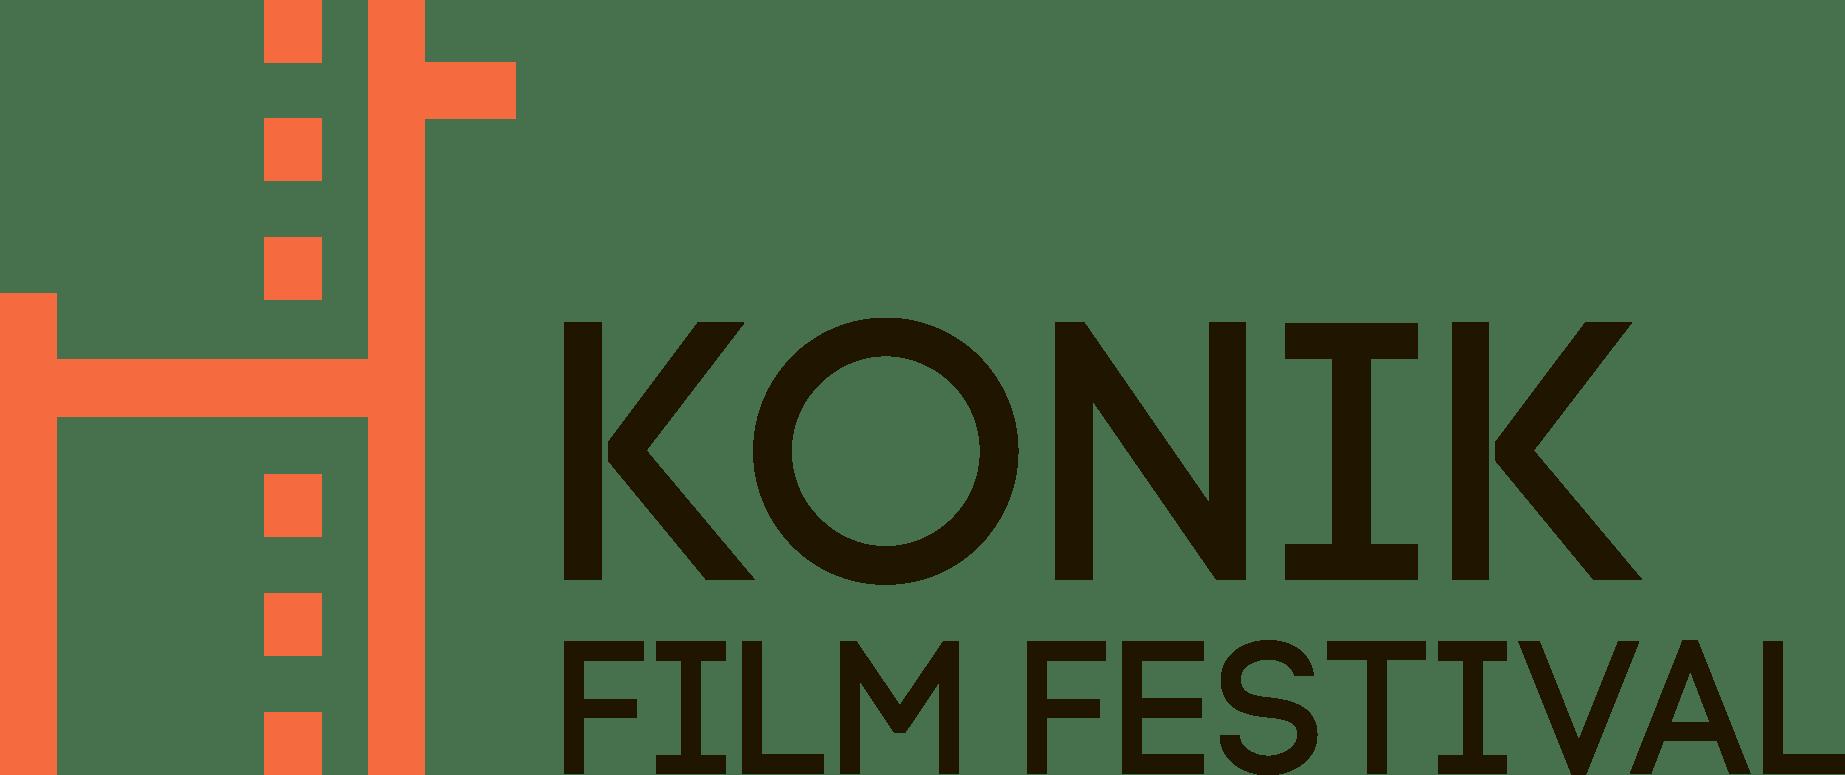 Konik_logo (1)-1